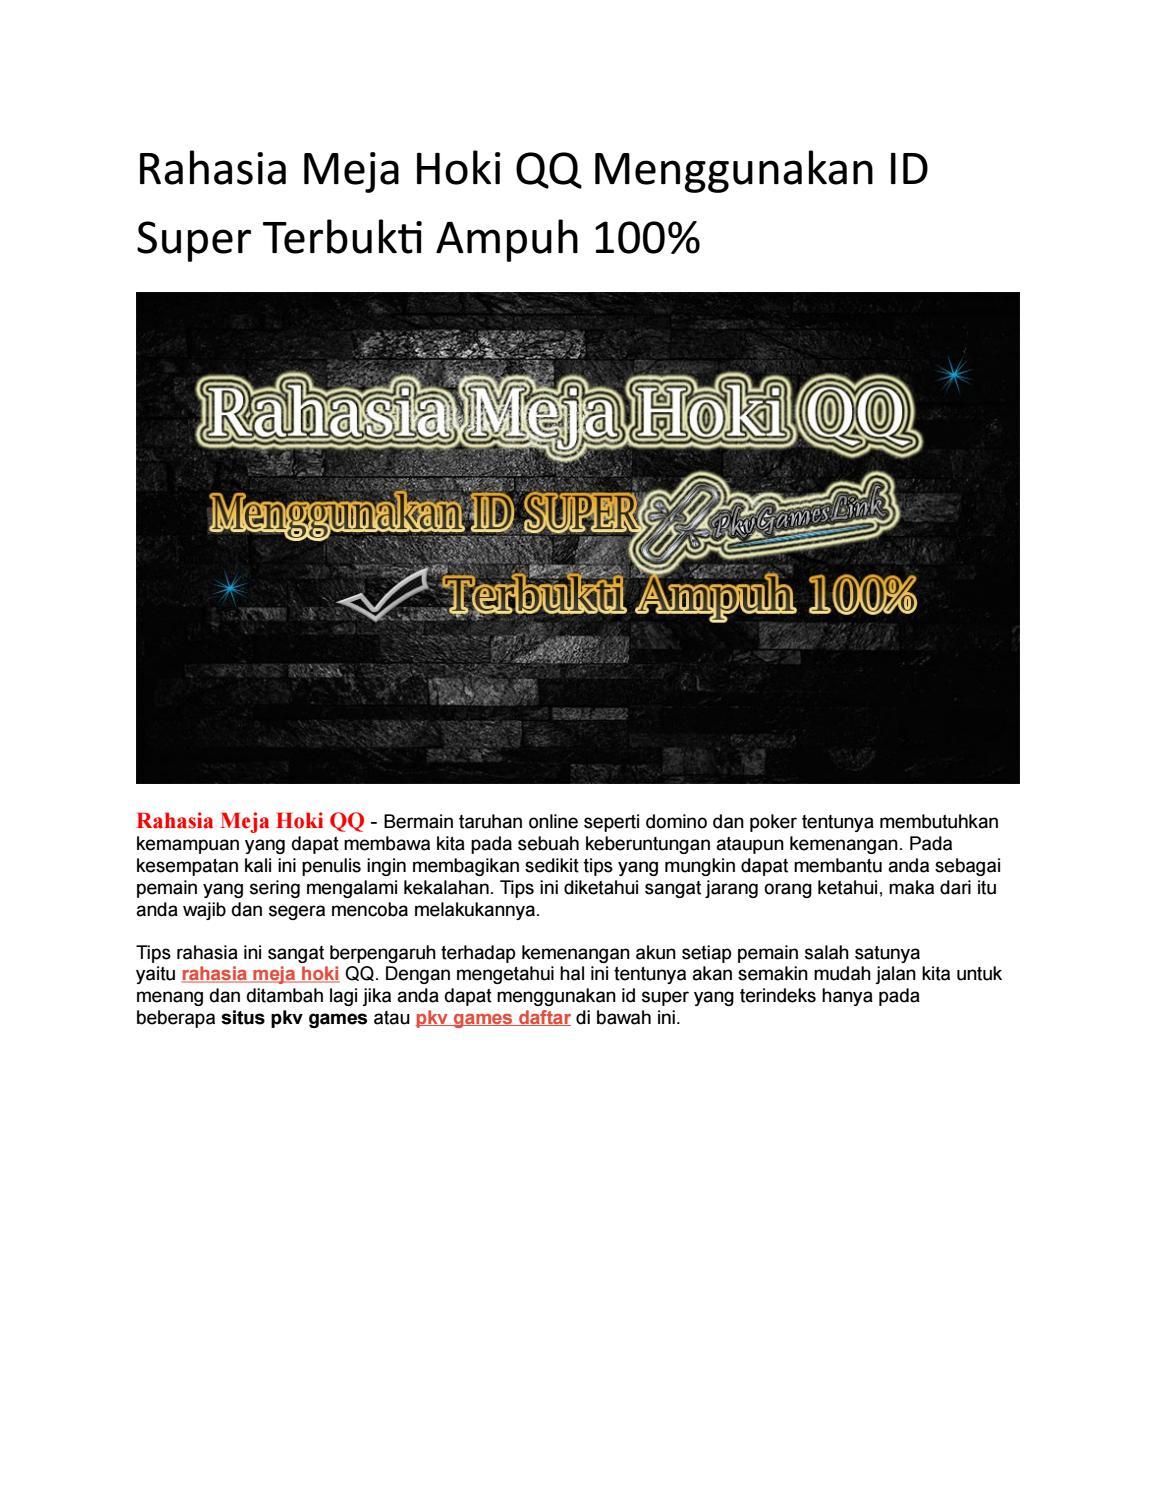 Rahasia Meja Hoki Qq Menggunakan Id Super Terbukti Ampuh 100 By Pkvgameslink Issuu